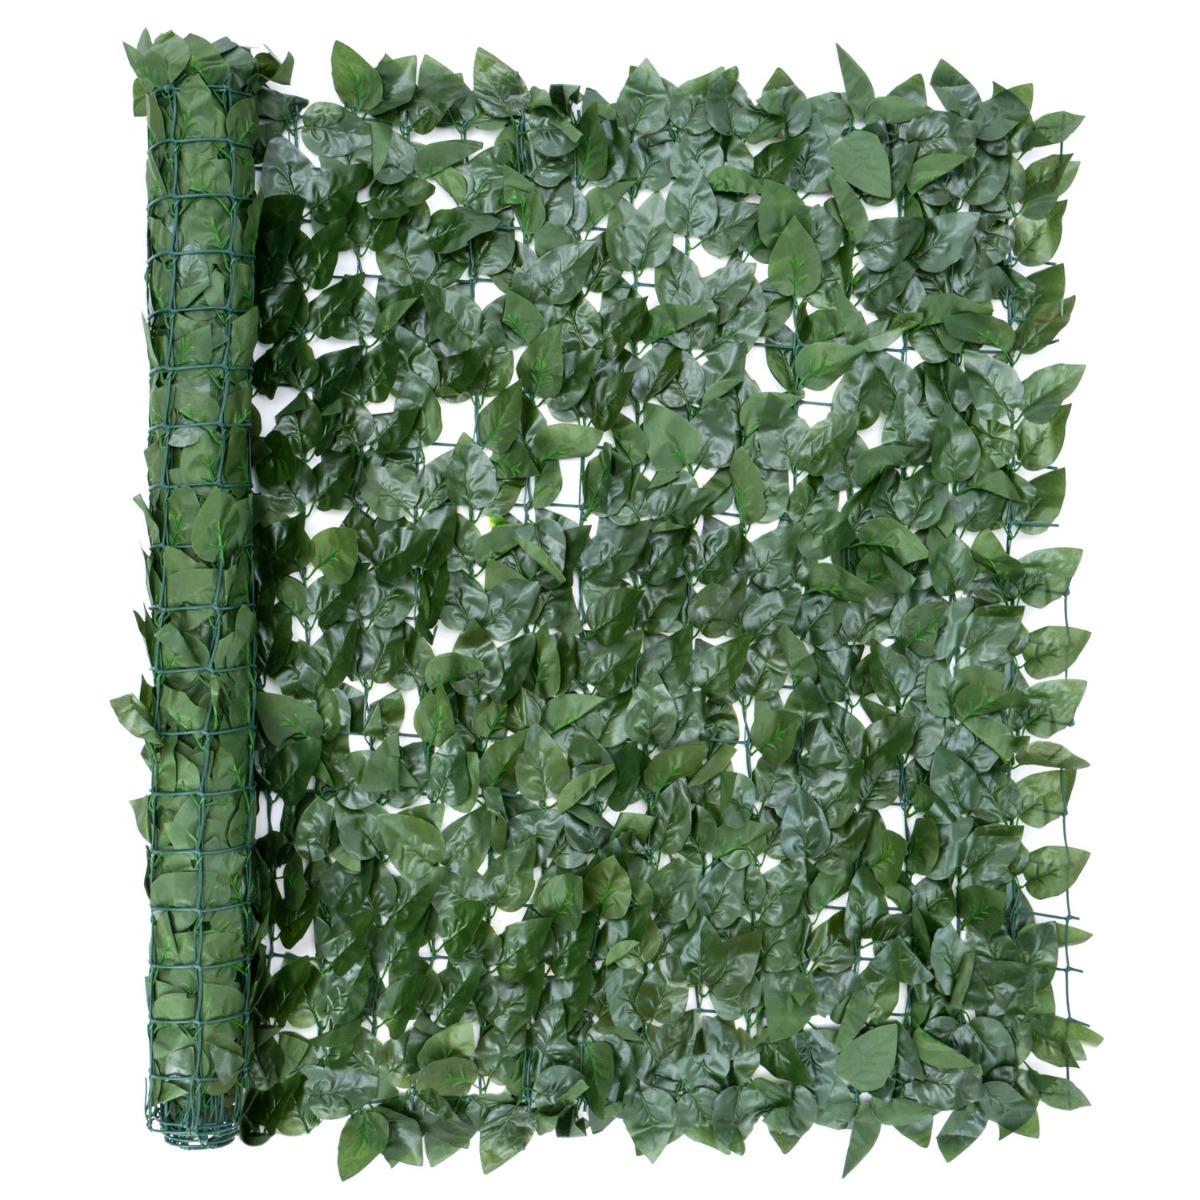 Image of Laurel Leaf Hedge Roll (1m x 3m)